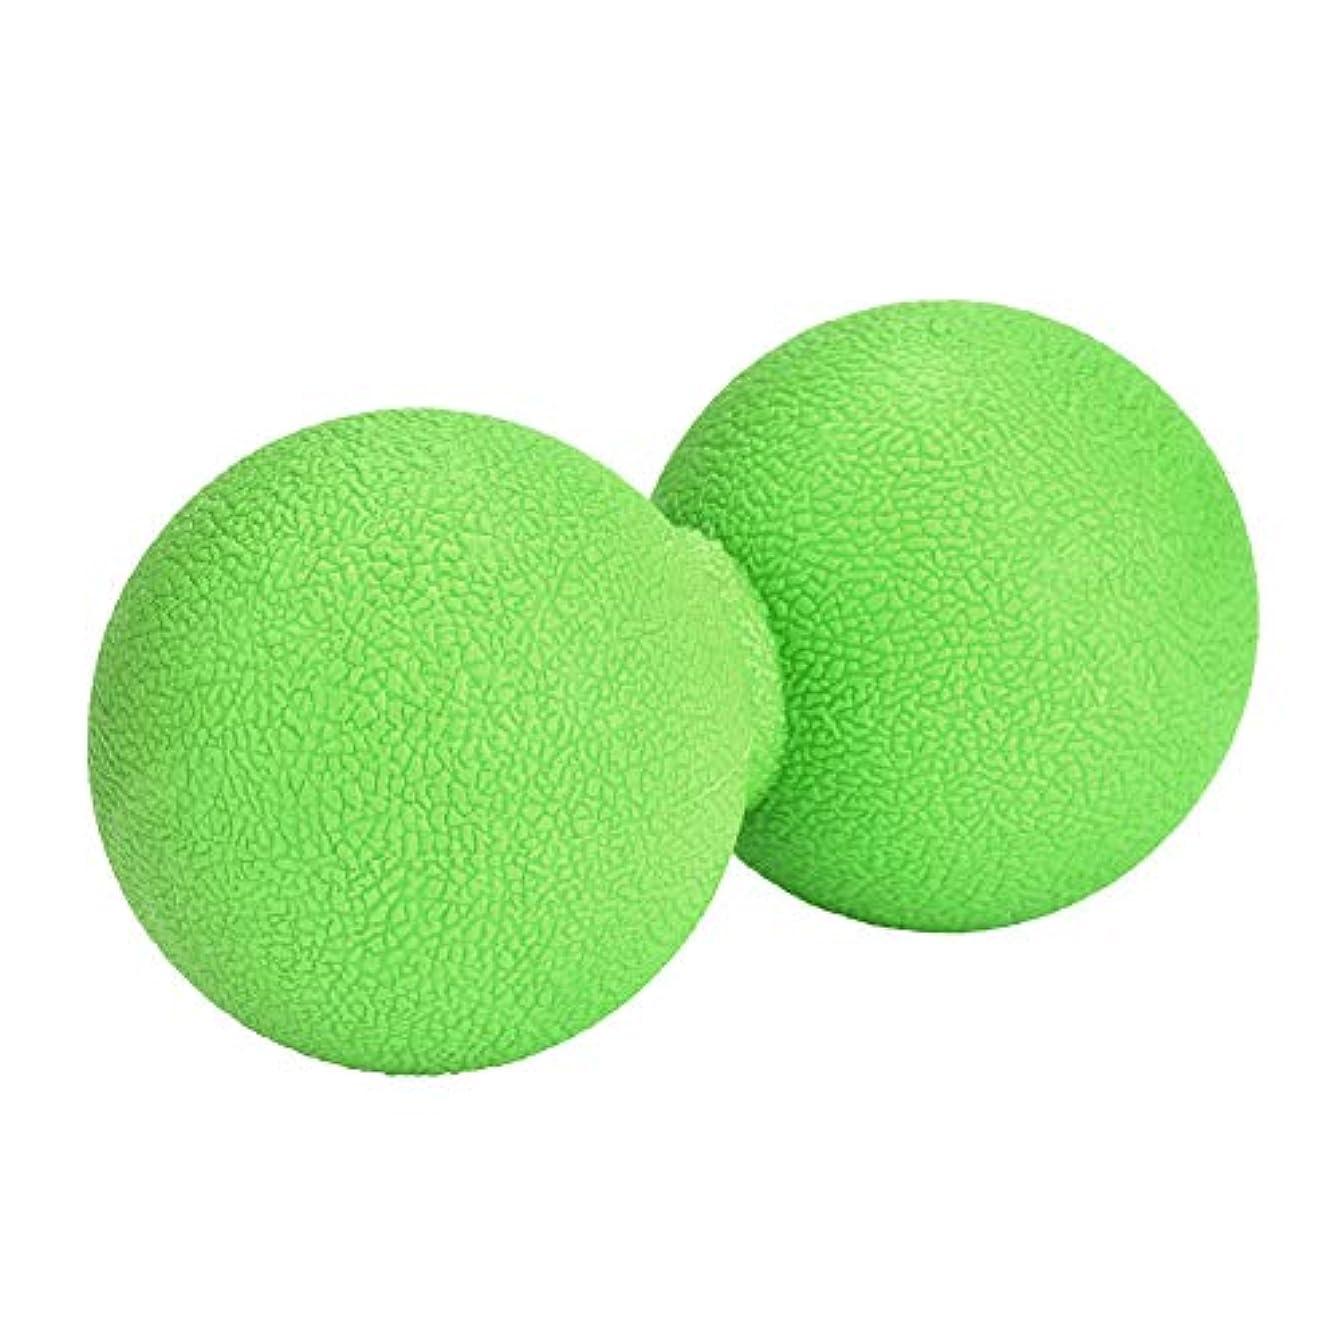 重量簡単なカスケードマッサージボール ストレッチボール ピーナッツ型 ヨガボール 首 背中 肩こり 腰 ふくらはぎ 足裏 筋膜リリース トレーニング